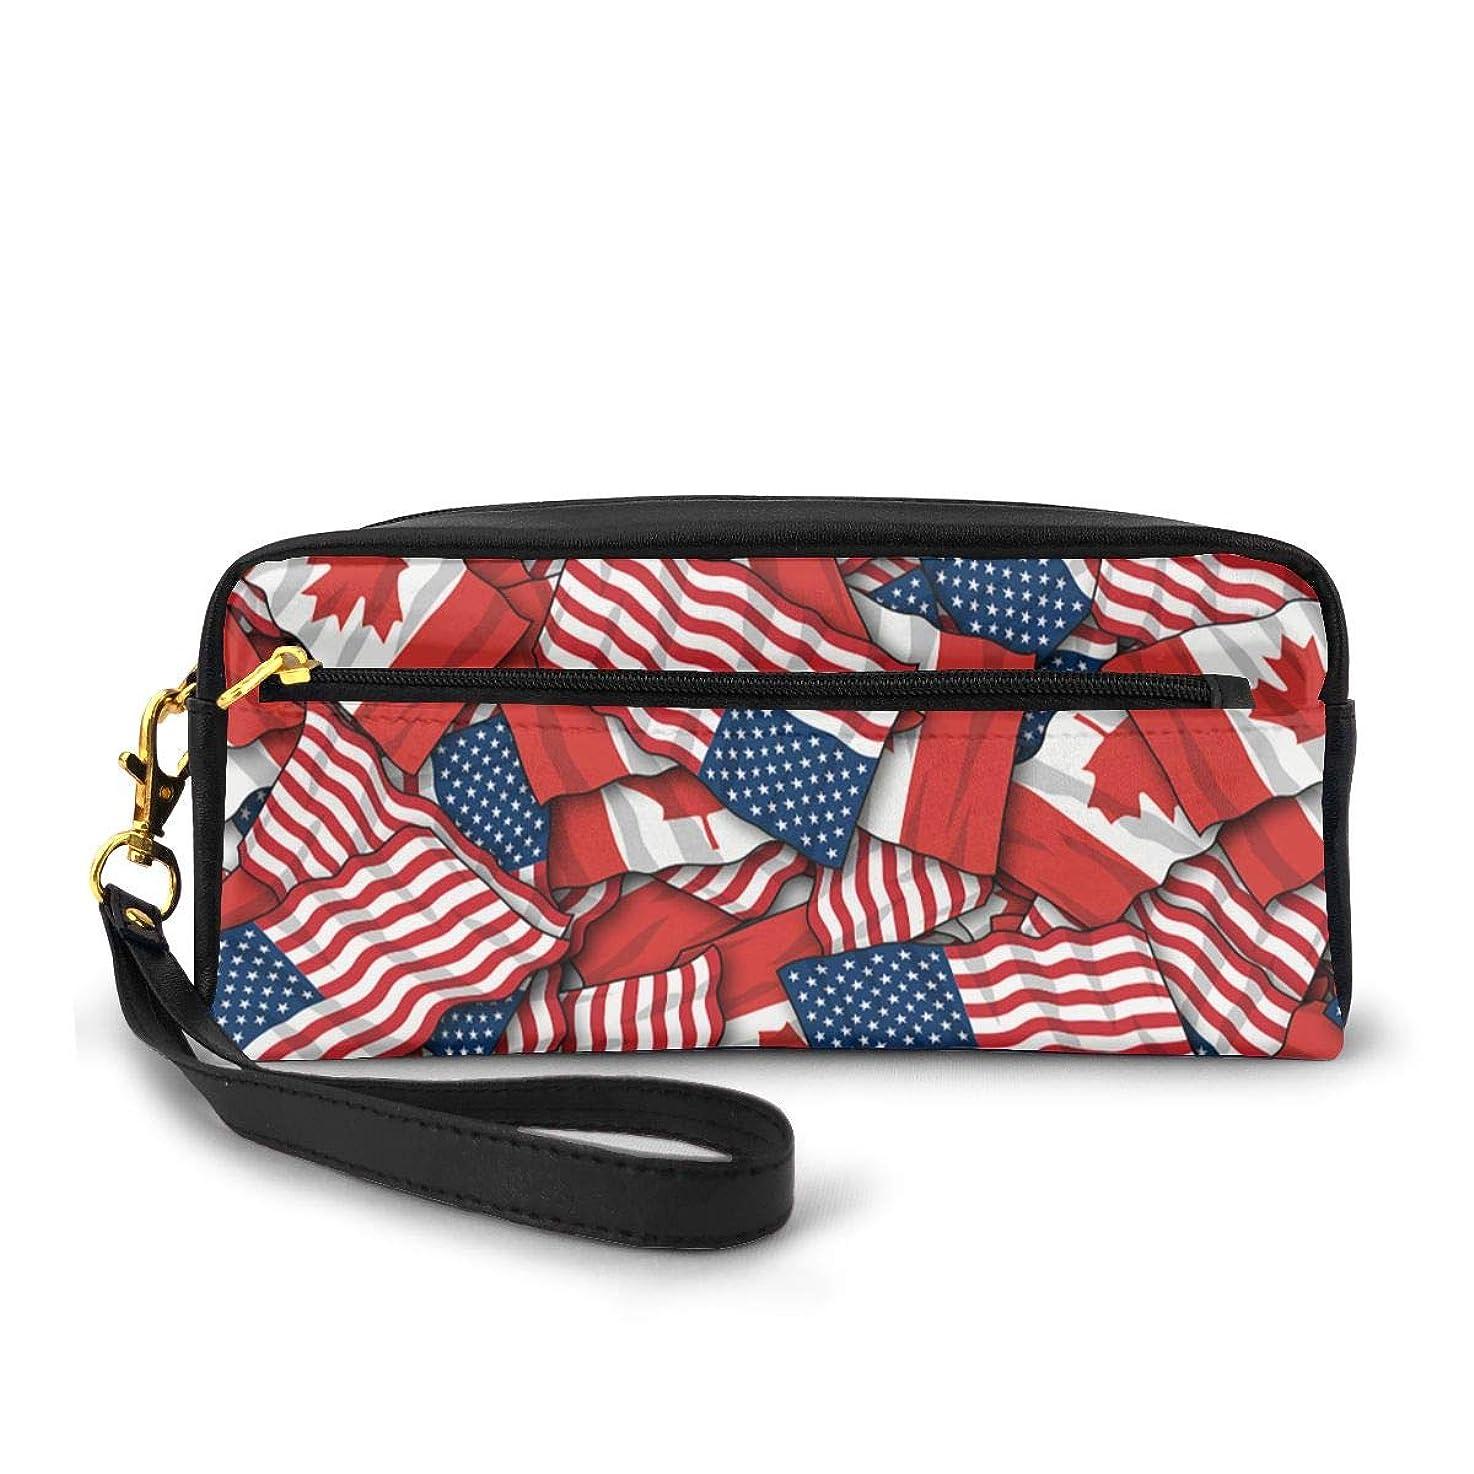 運動するランドマークカーテン化粧品収納バッグ ウォッシュバッグ ハンドバッグ 化粧品袋 耐久性のある 筆箱 トラベルバッグ カラフルなス ポータブル スキンケア製品収納袋